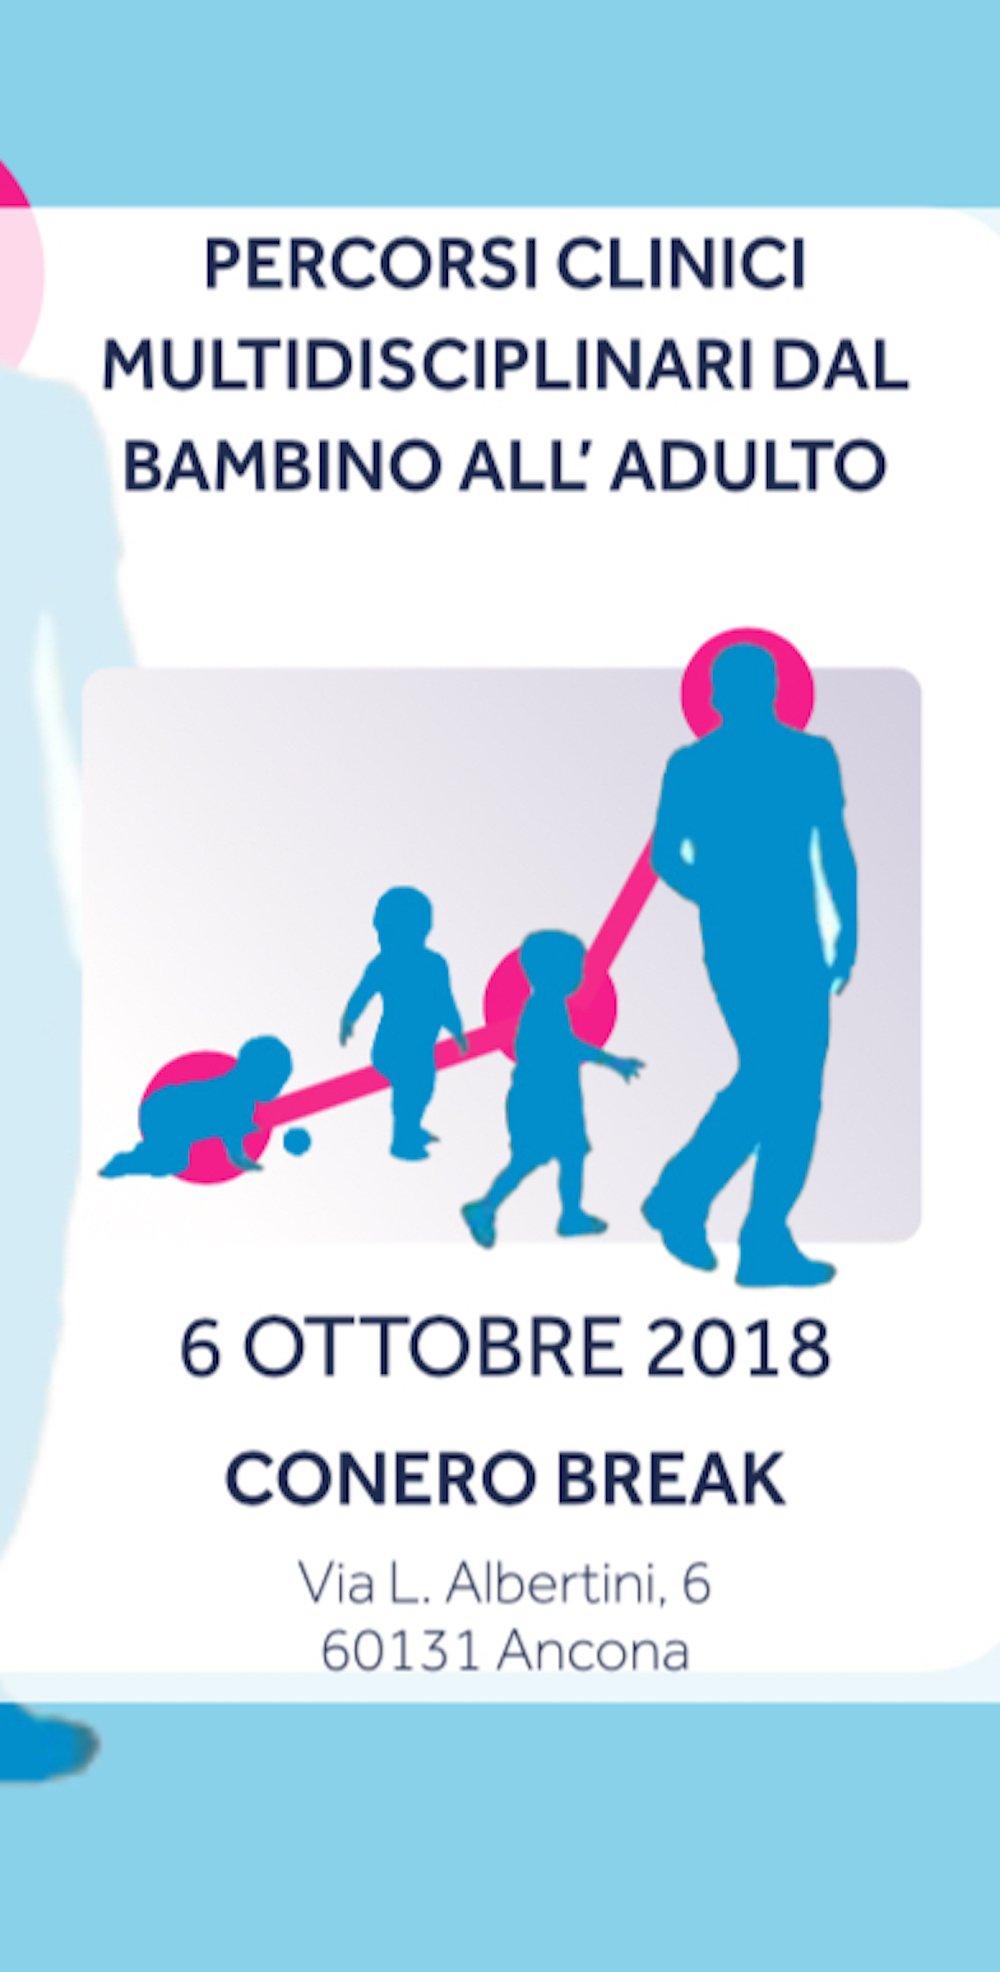 PERCORSI CLINICI MULTIDISCIPLINARI DAL BAMBINO ALL'ADULTO 06.10.18